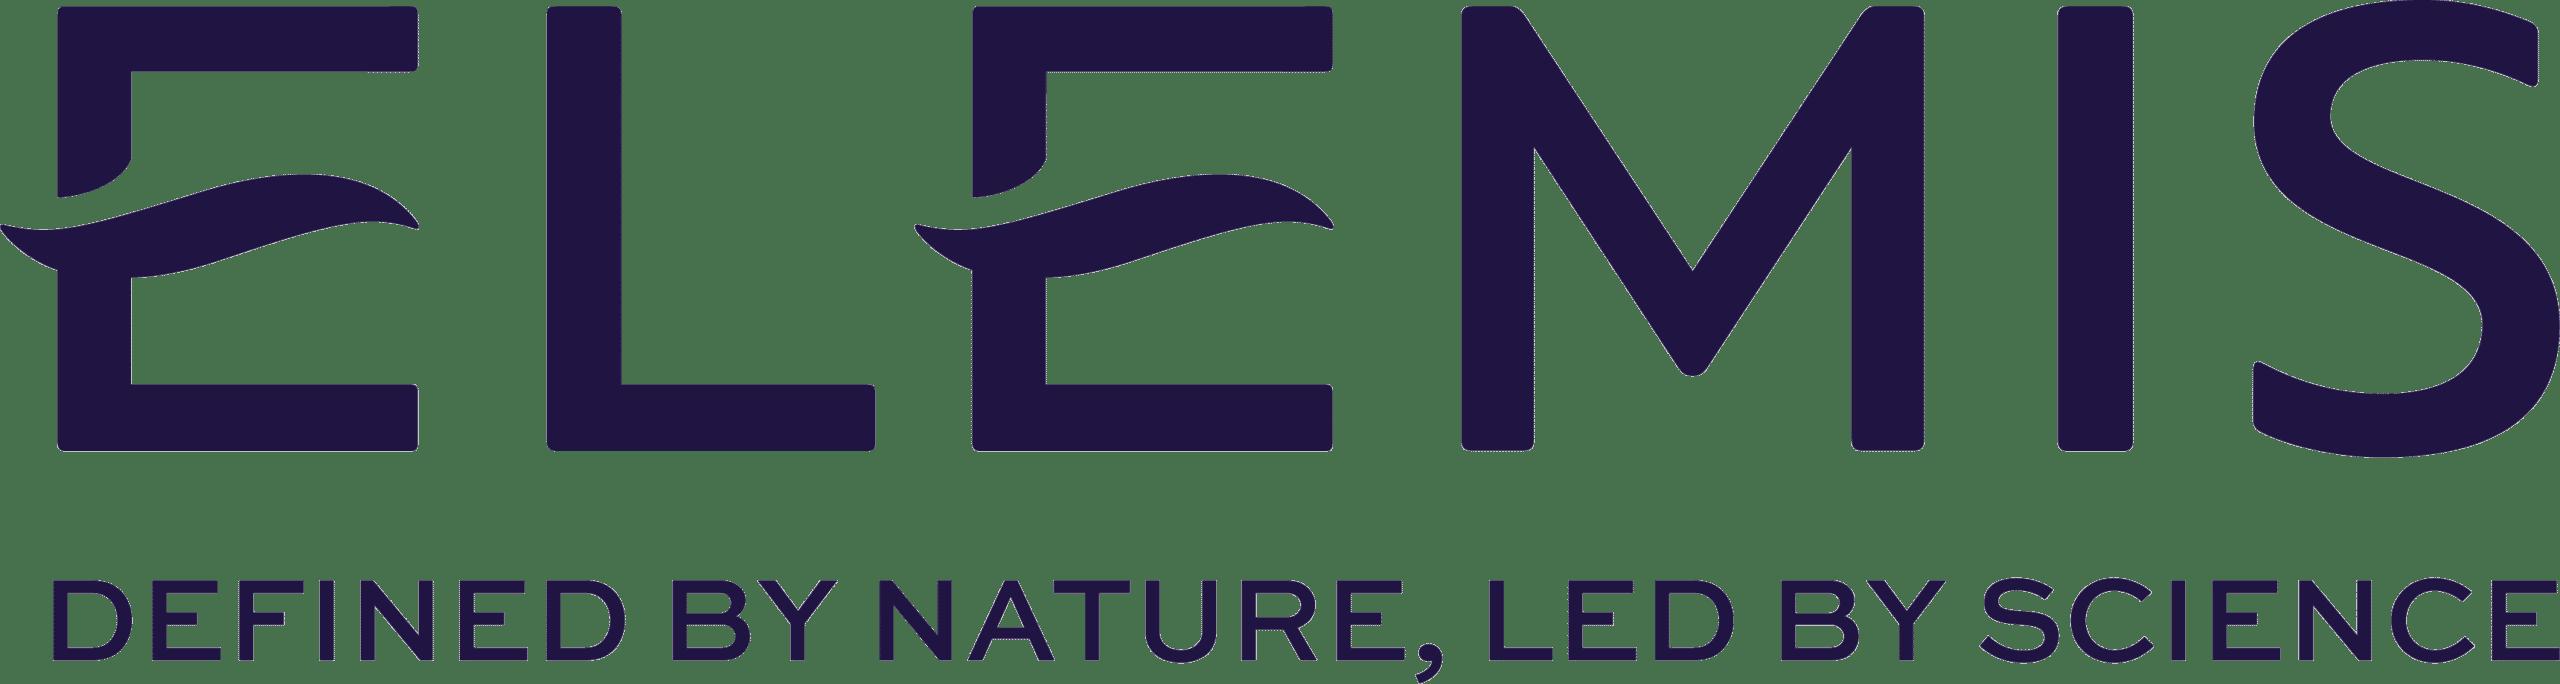 Elelmis logo